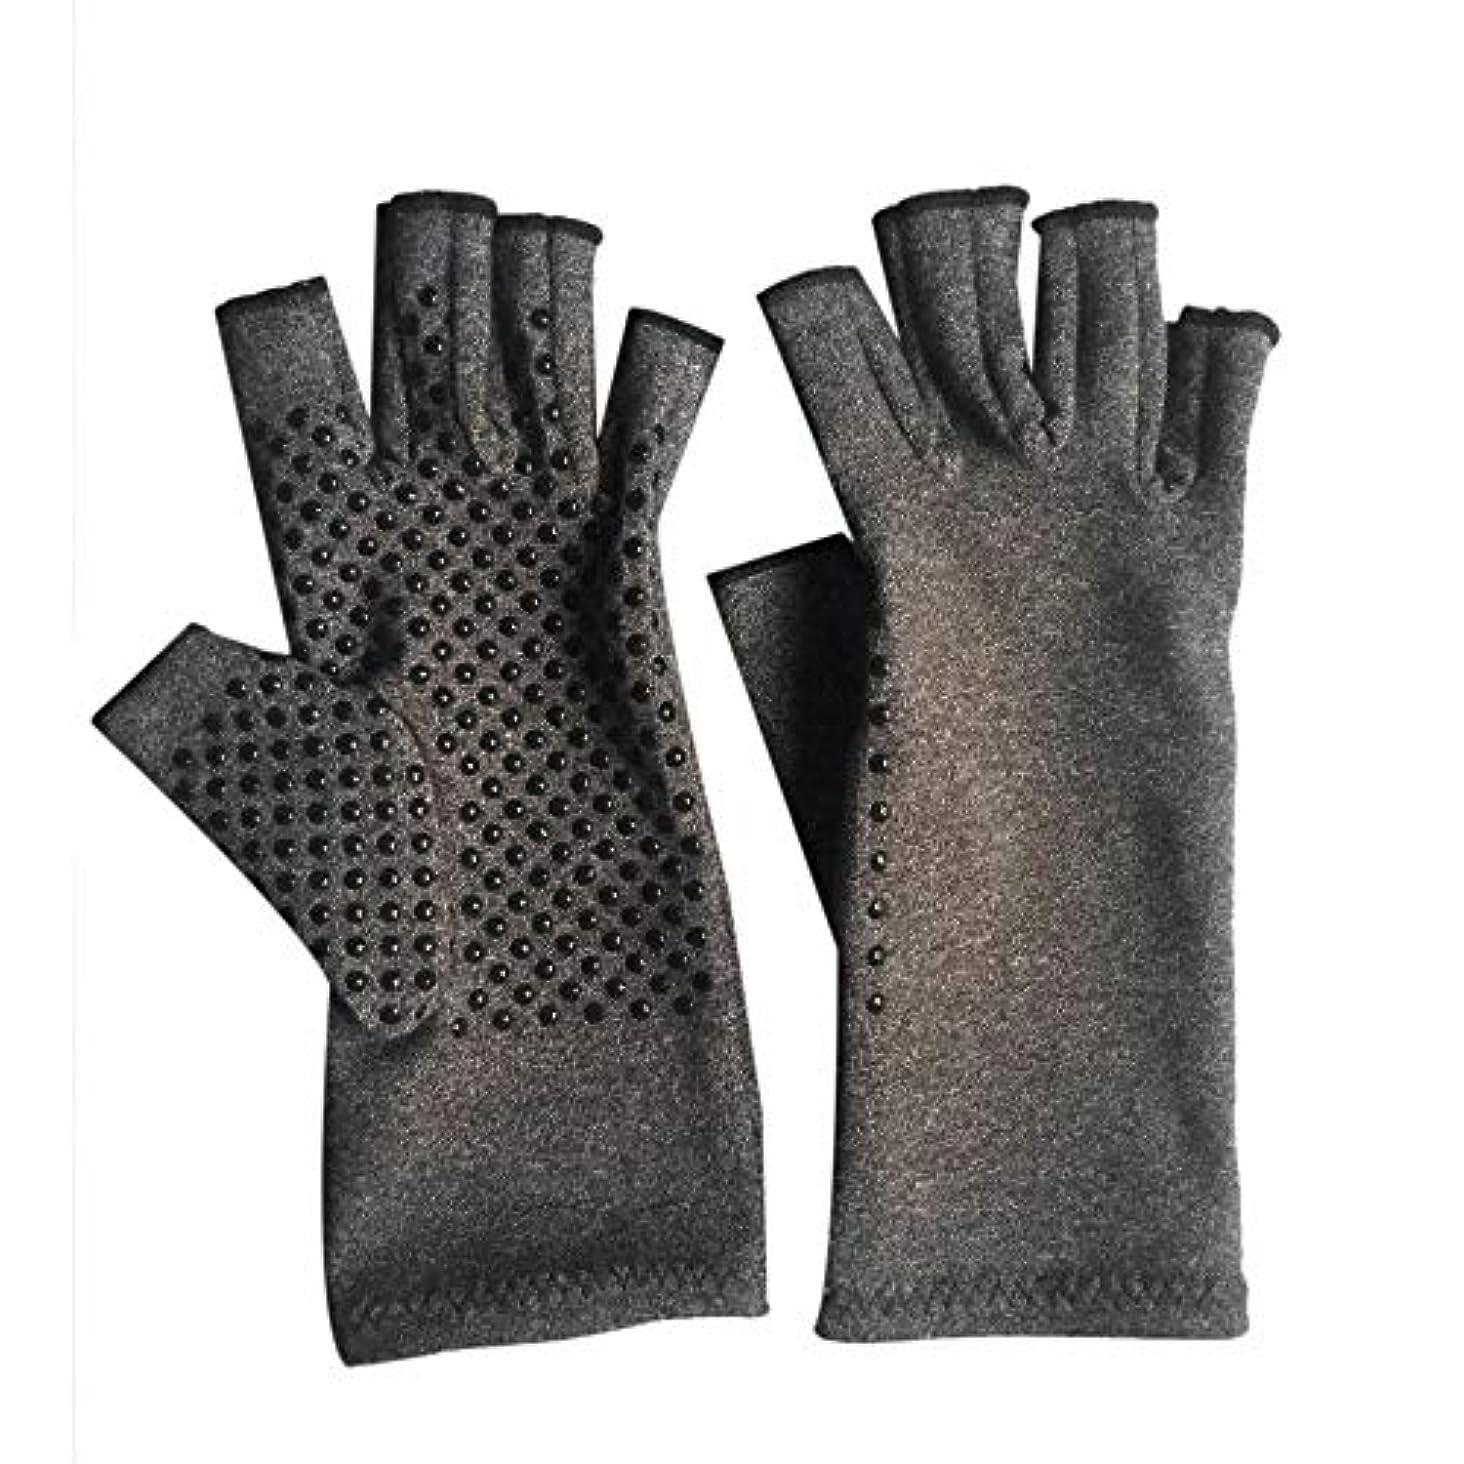 特許本質的に事1ペアユニセックス男性女性療法圧縮手袋関節炎関節痛緩和ヘルスケア半指手袋トレーニング手袋 - グレーM